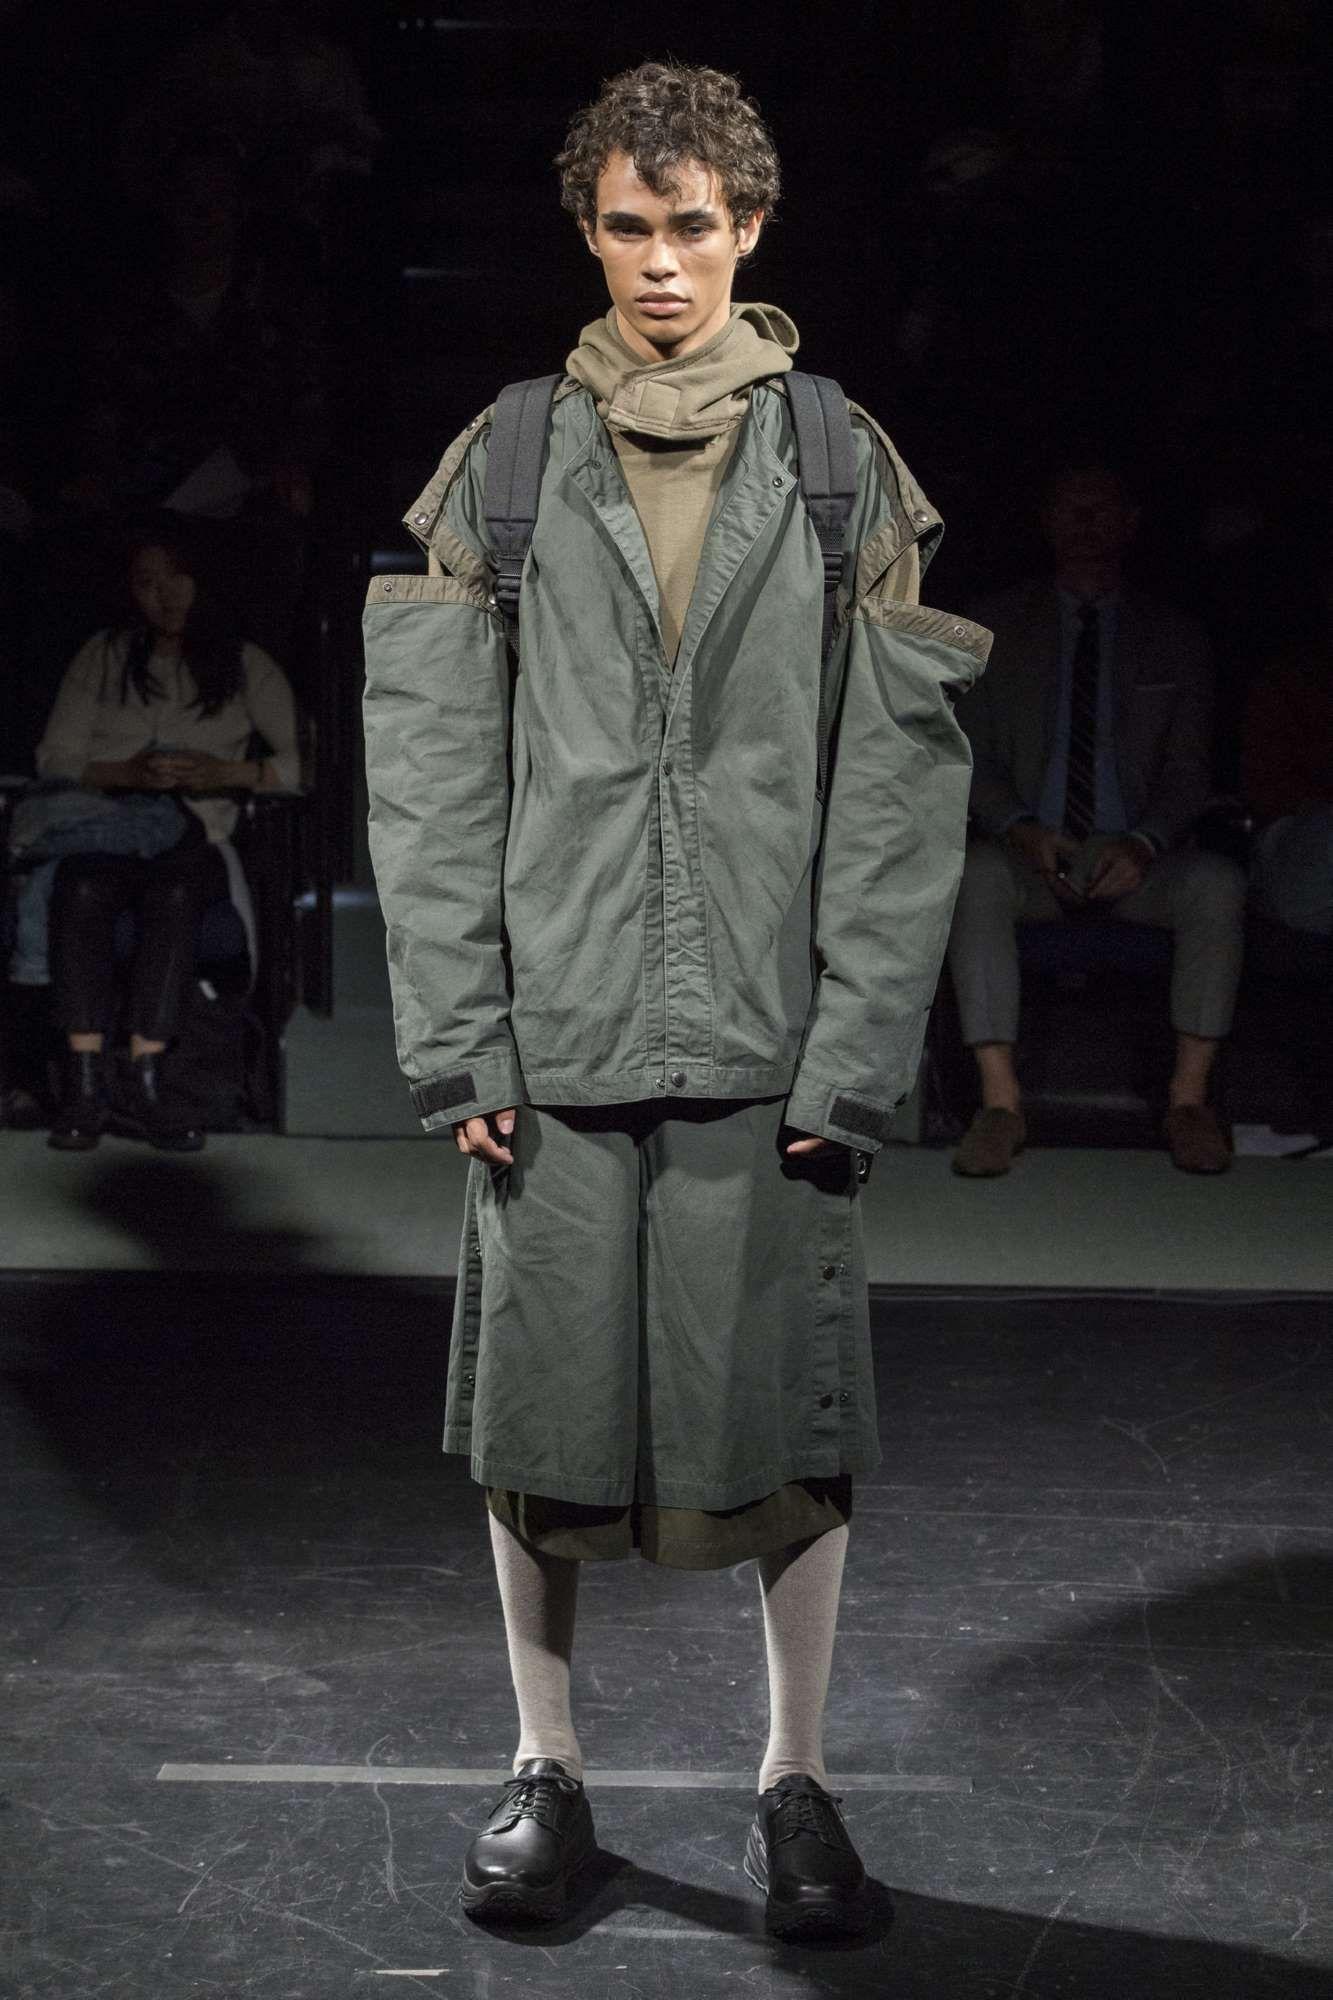 New York Mens Fashion Week 2020 N. Hollywood Spring Summer 2020 Runway Show   New York Fashion